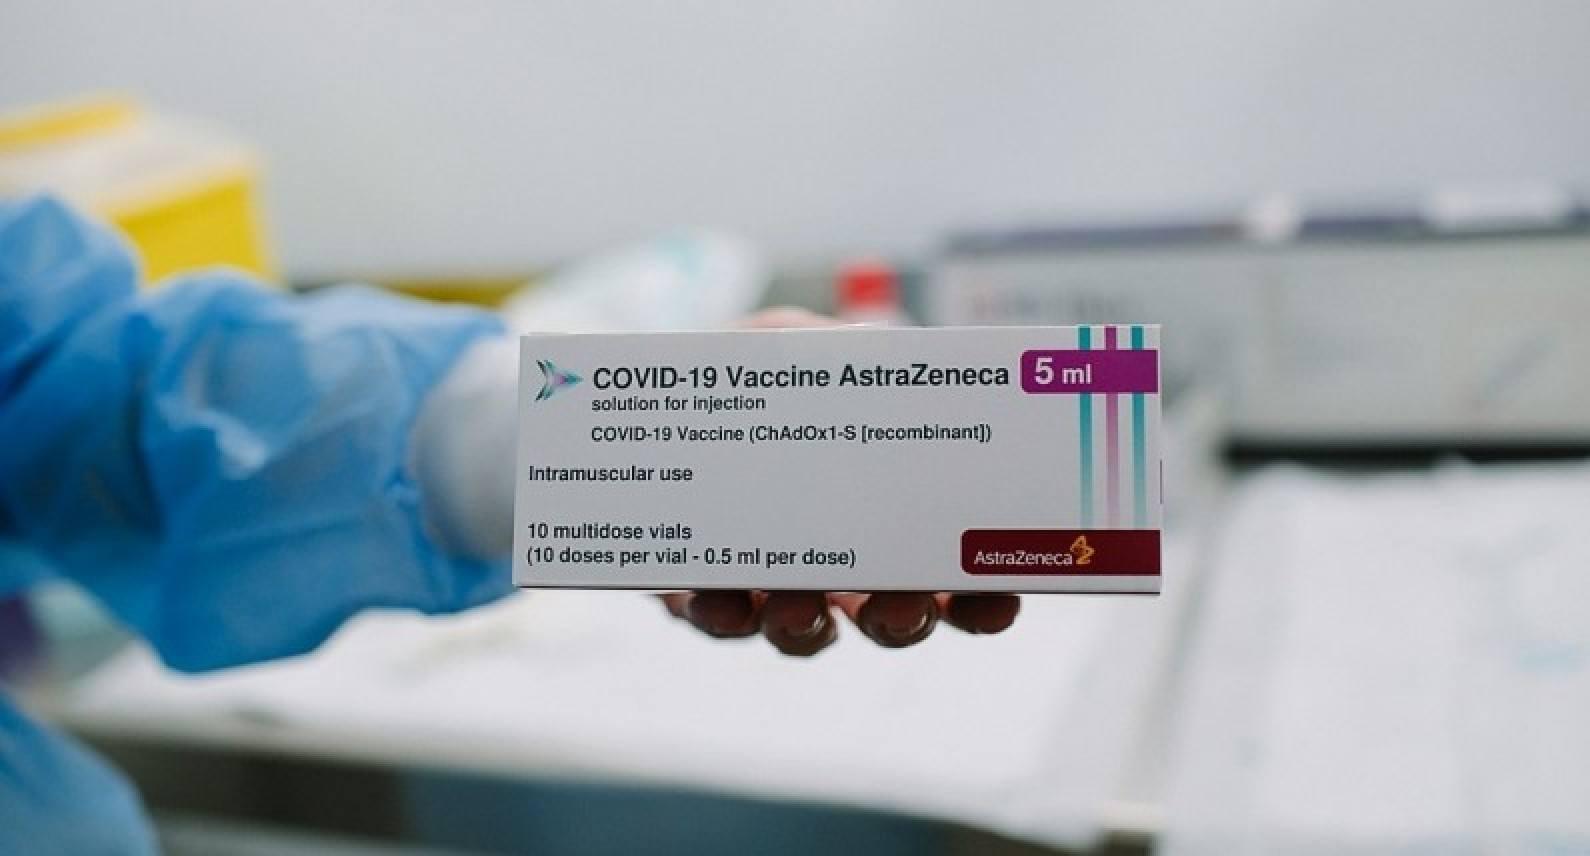 Blisko 150 tys. Norwegów zaszczepionych AstraZenecą: minister wyjaśnia, co z drugą dawką